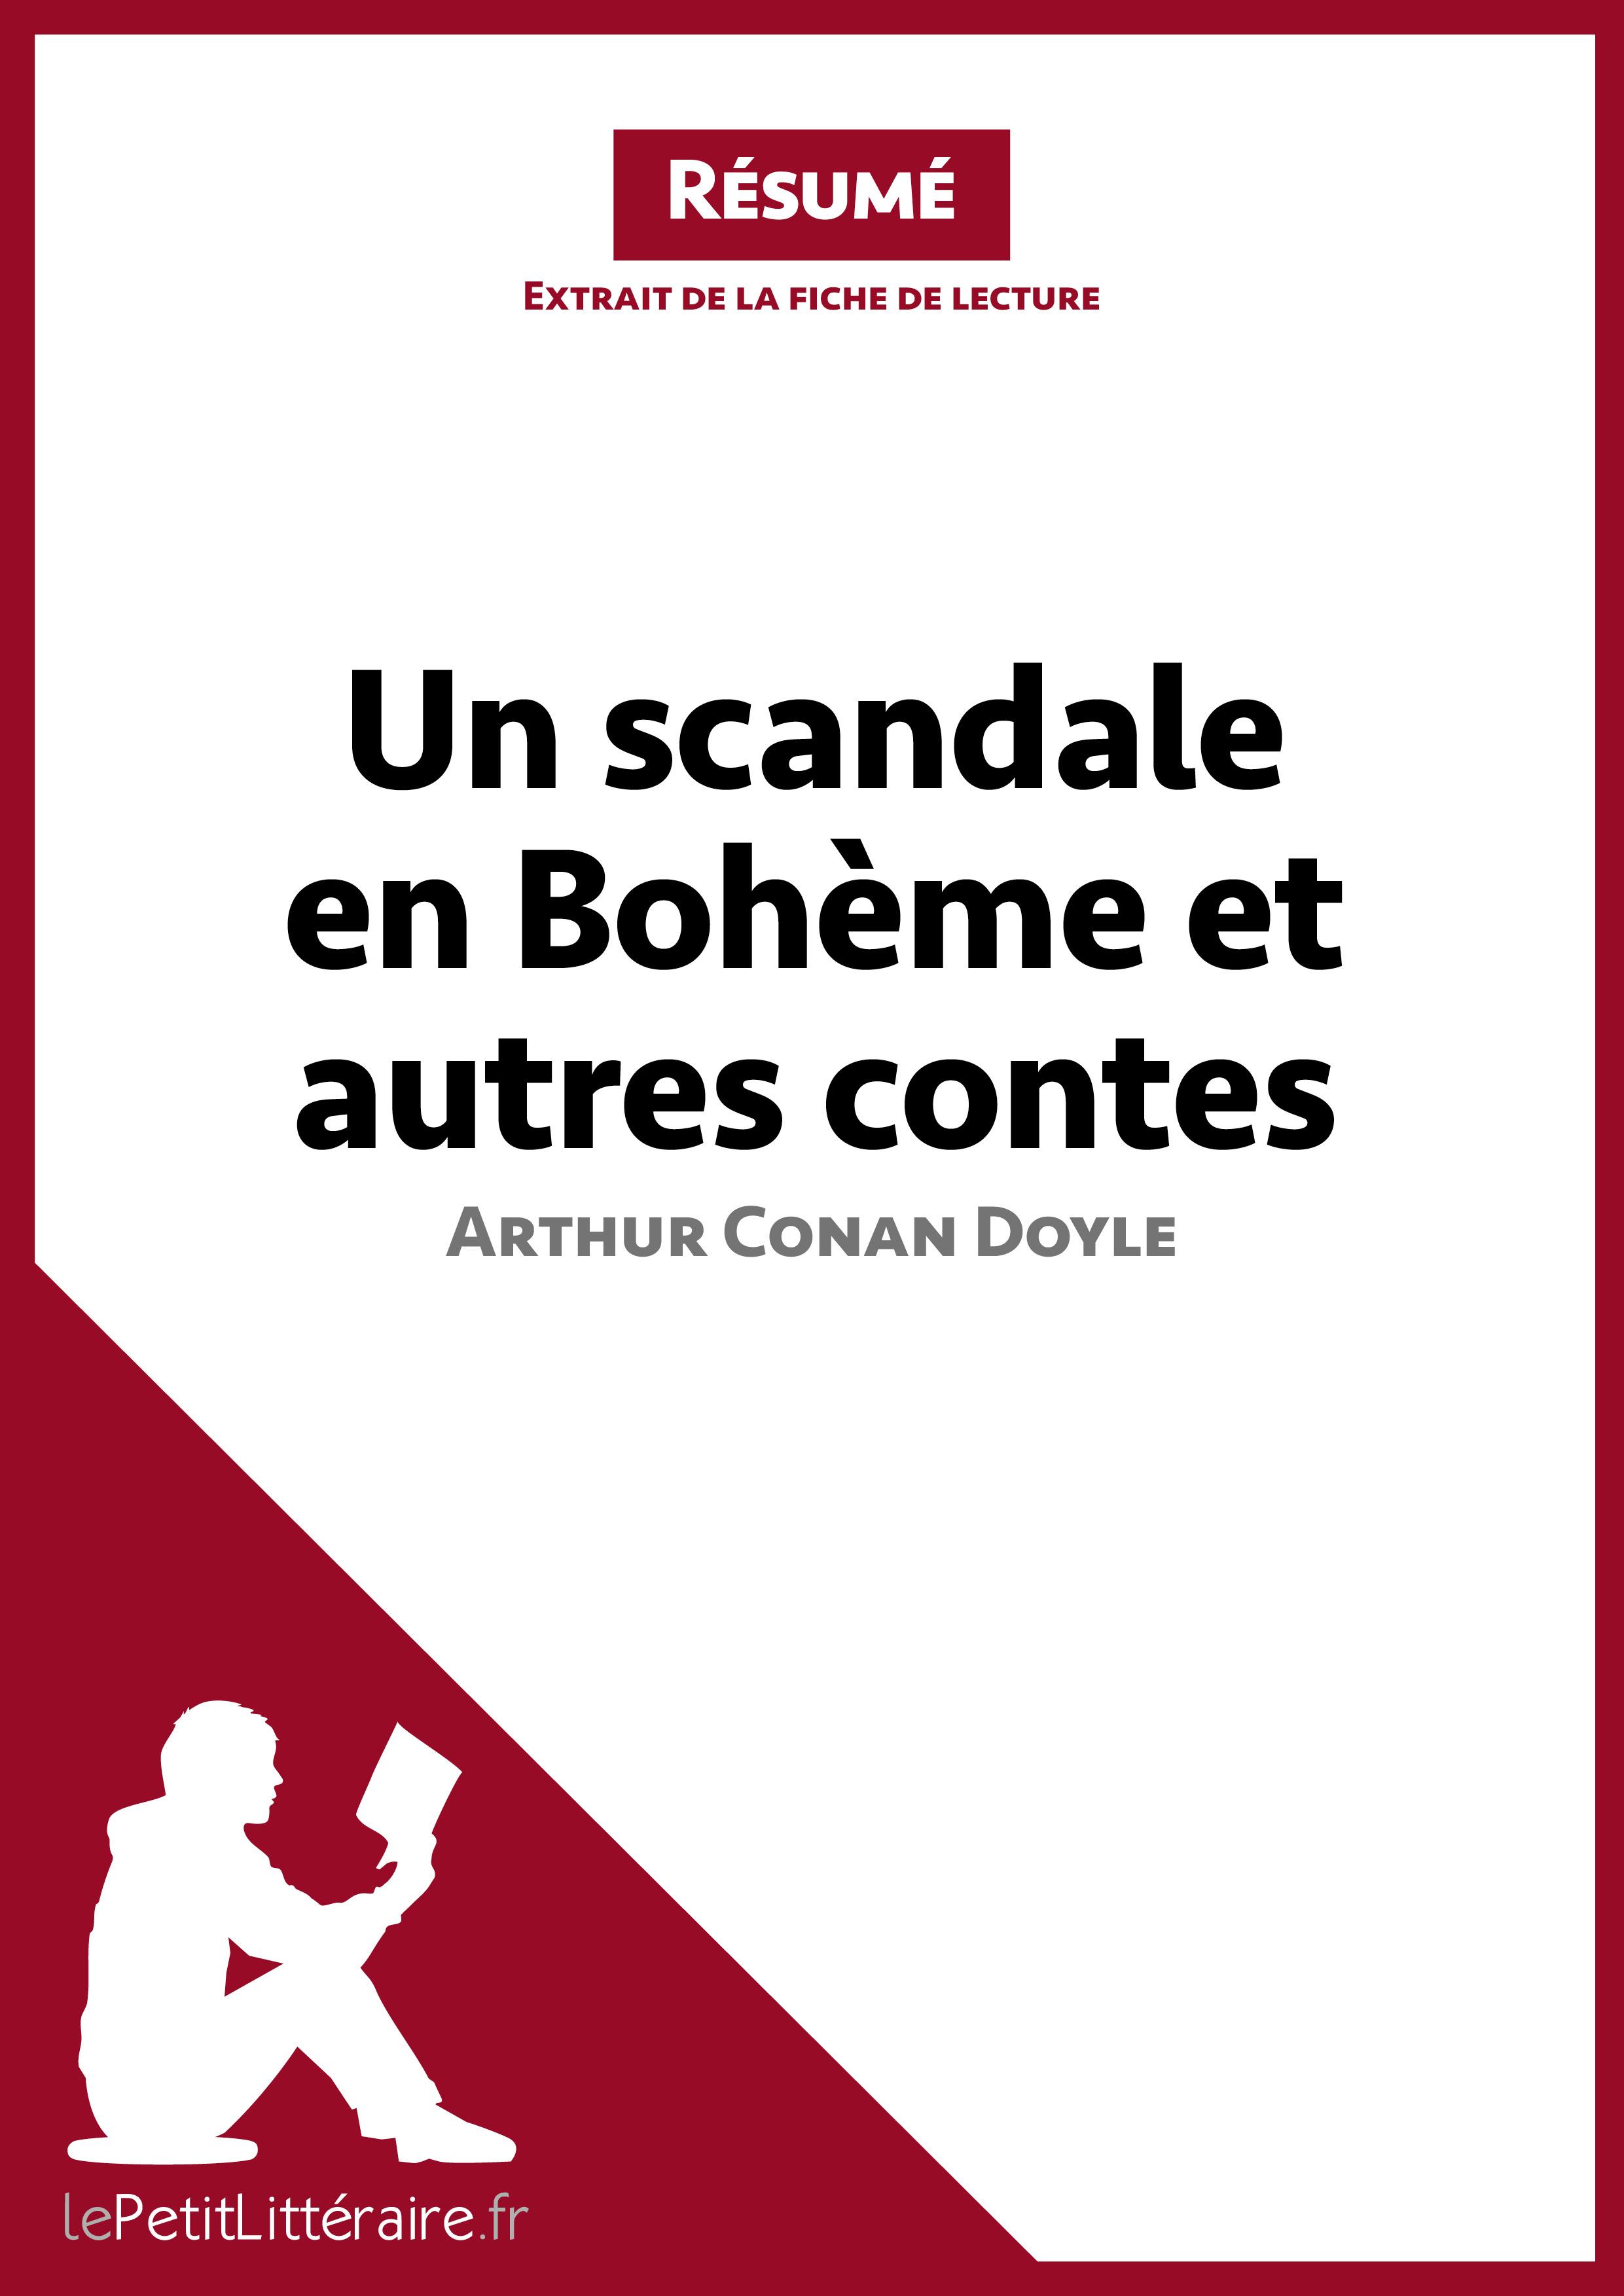 Un scandale en Bohème et autres contes